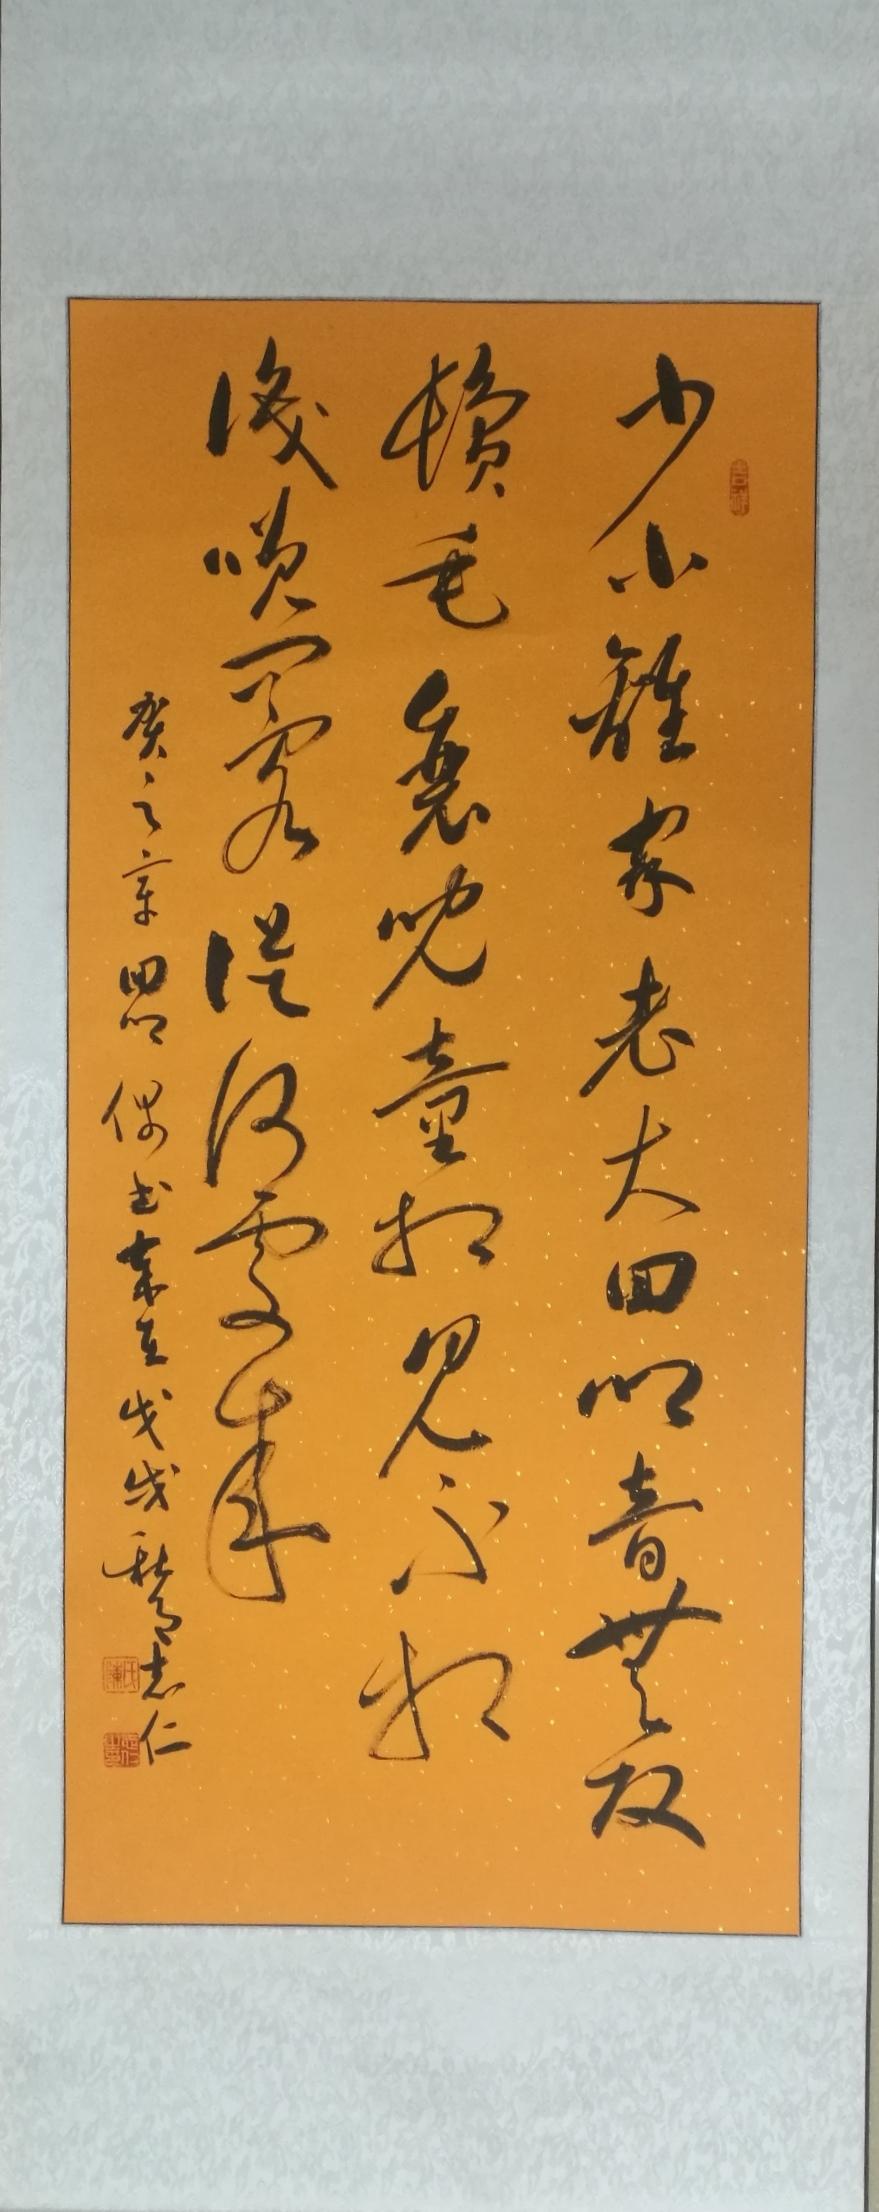 真迹名家陈志仁作品欣赏:笔走龙蛇,灵动流逸